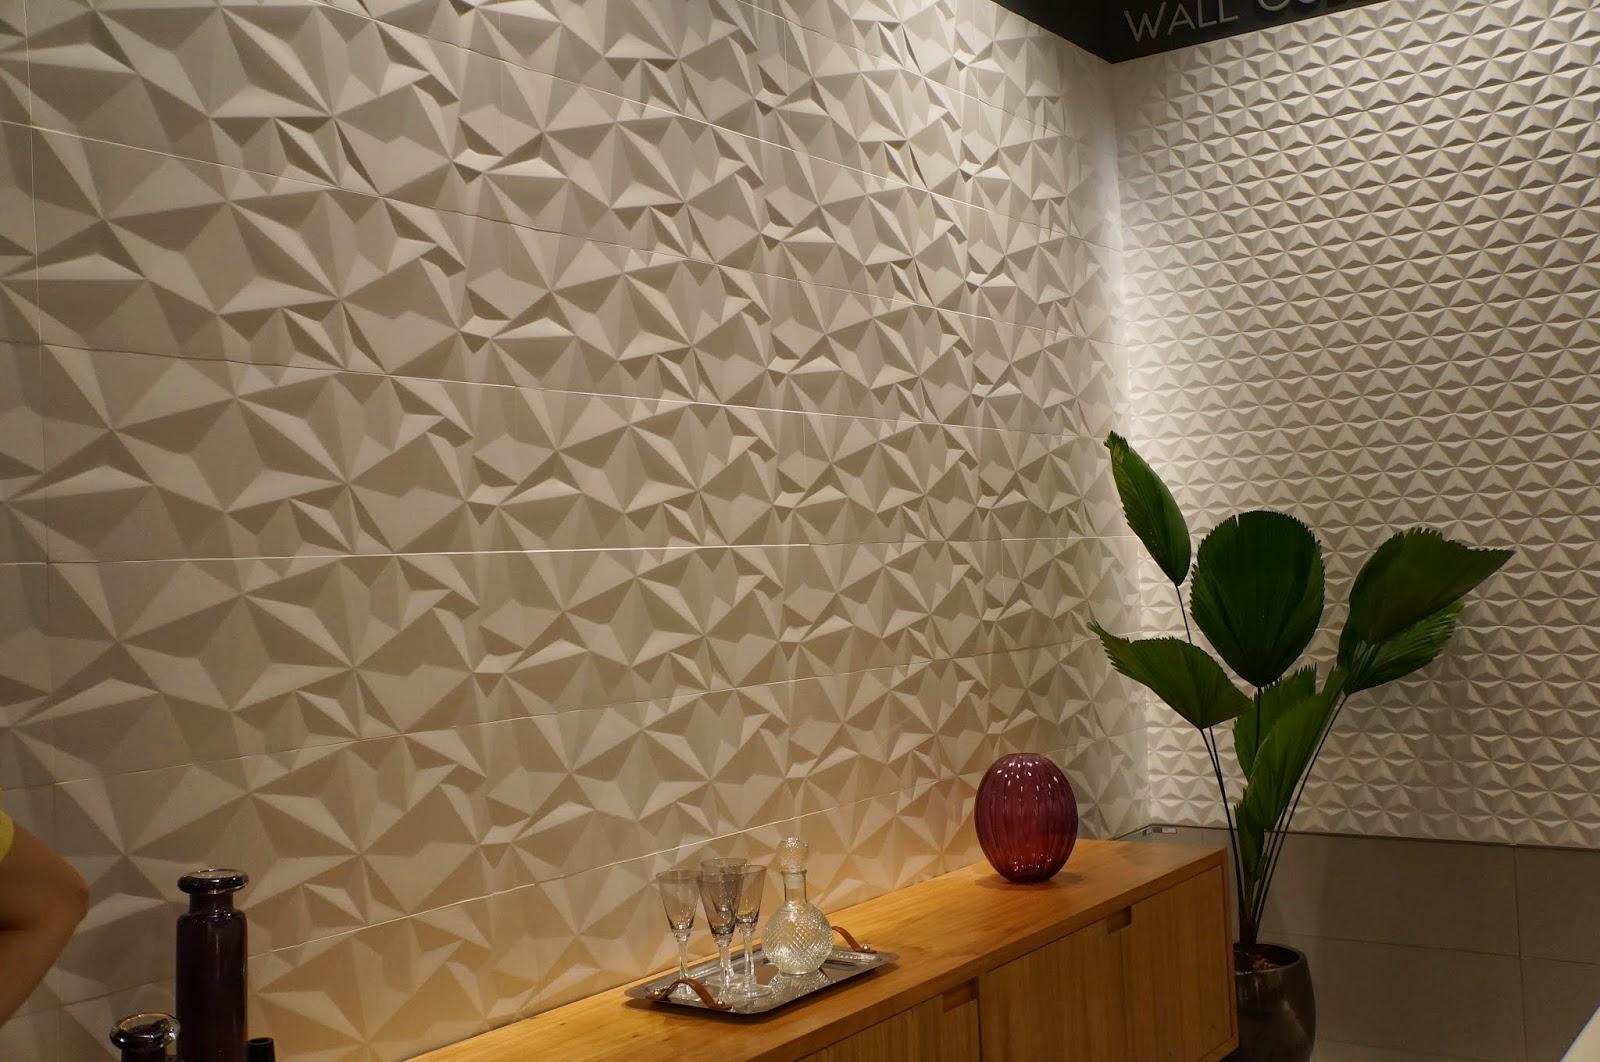 #9D6D2E parede com revestimento em alto relevo da Portinari Expo Revestir  1600x1062 px Banheiros Decorados Com Revestimento Portinari 1087